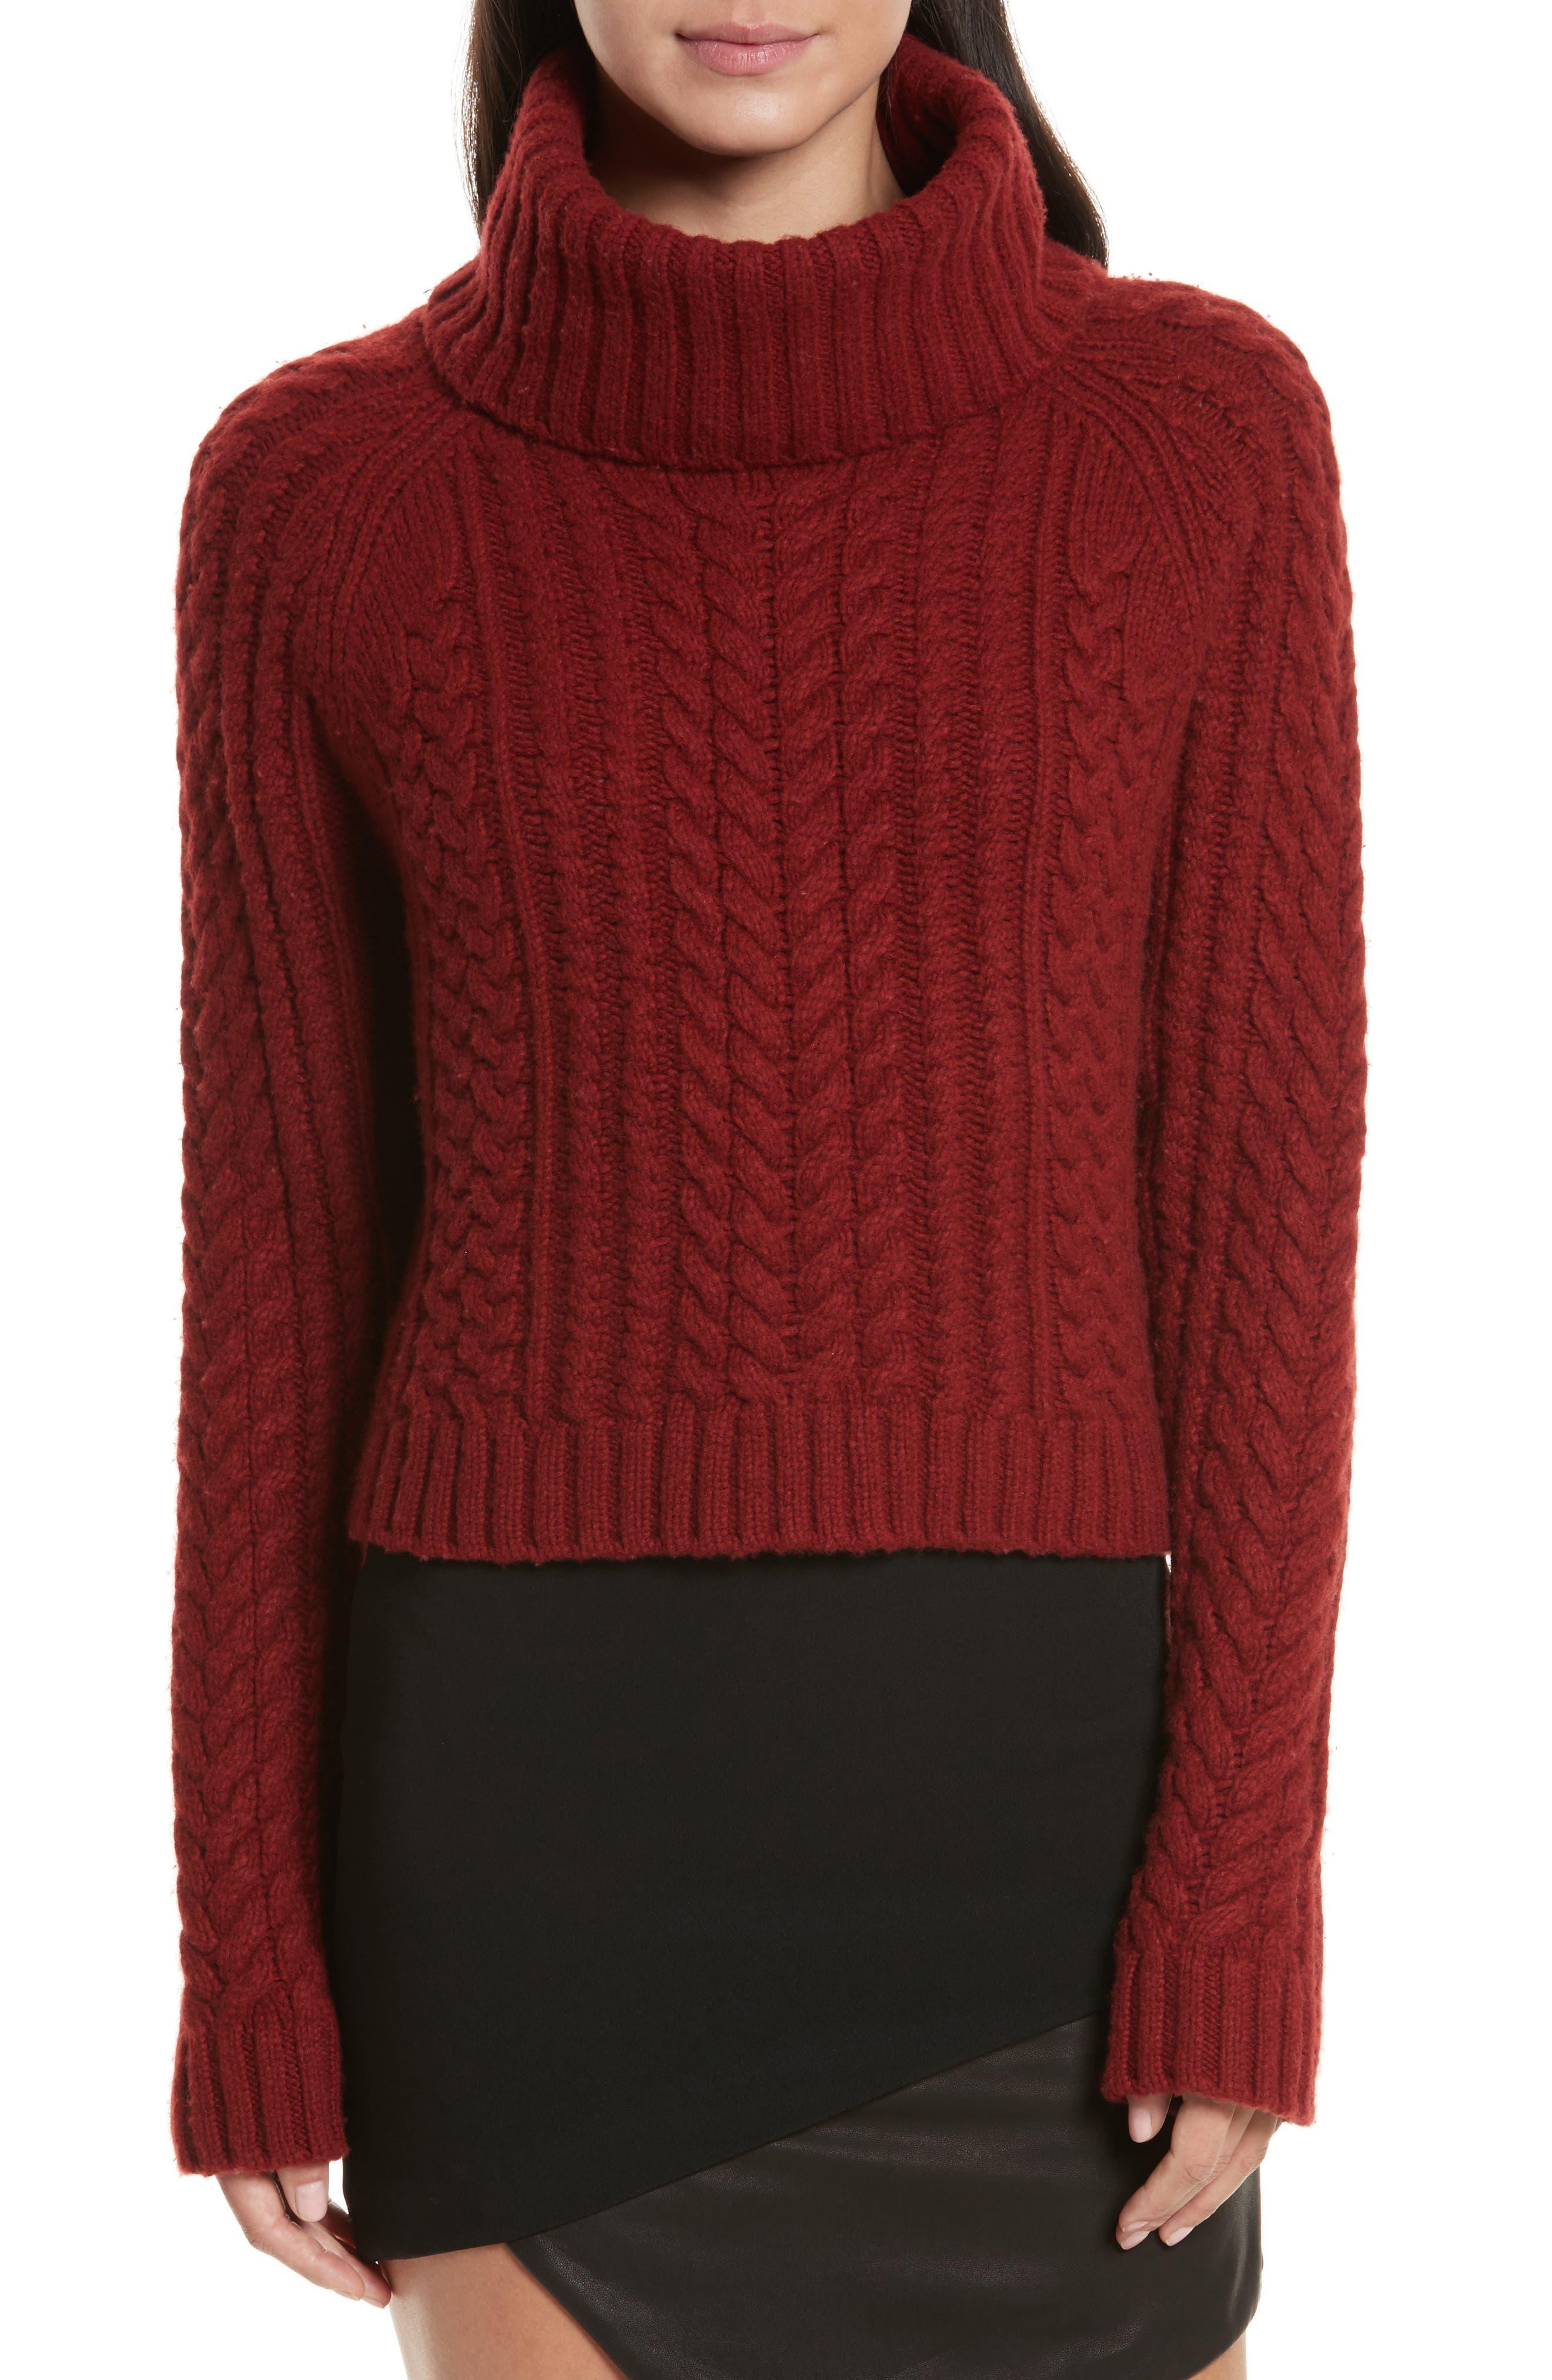 Tobin Cable Knit Crop Turtleneck Sweater,                             Main thumbnail 1, color,                             Bordeaux